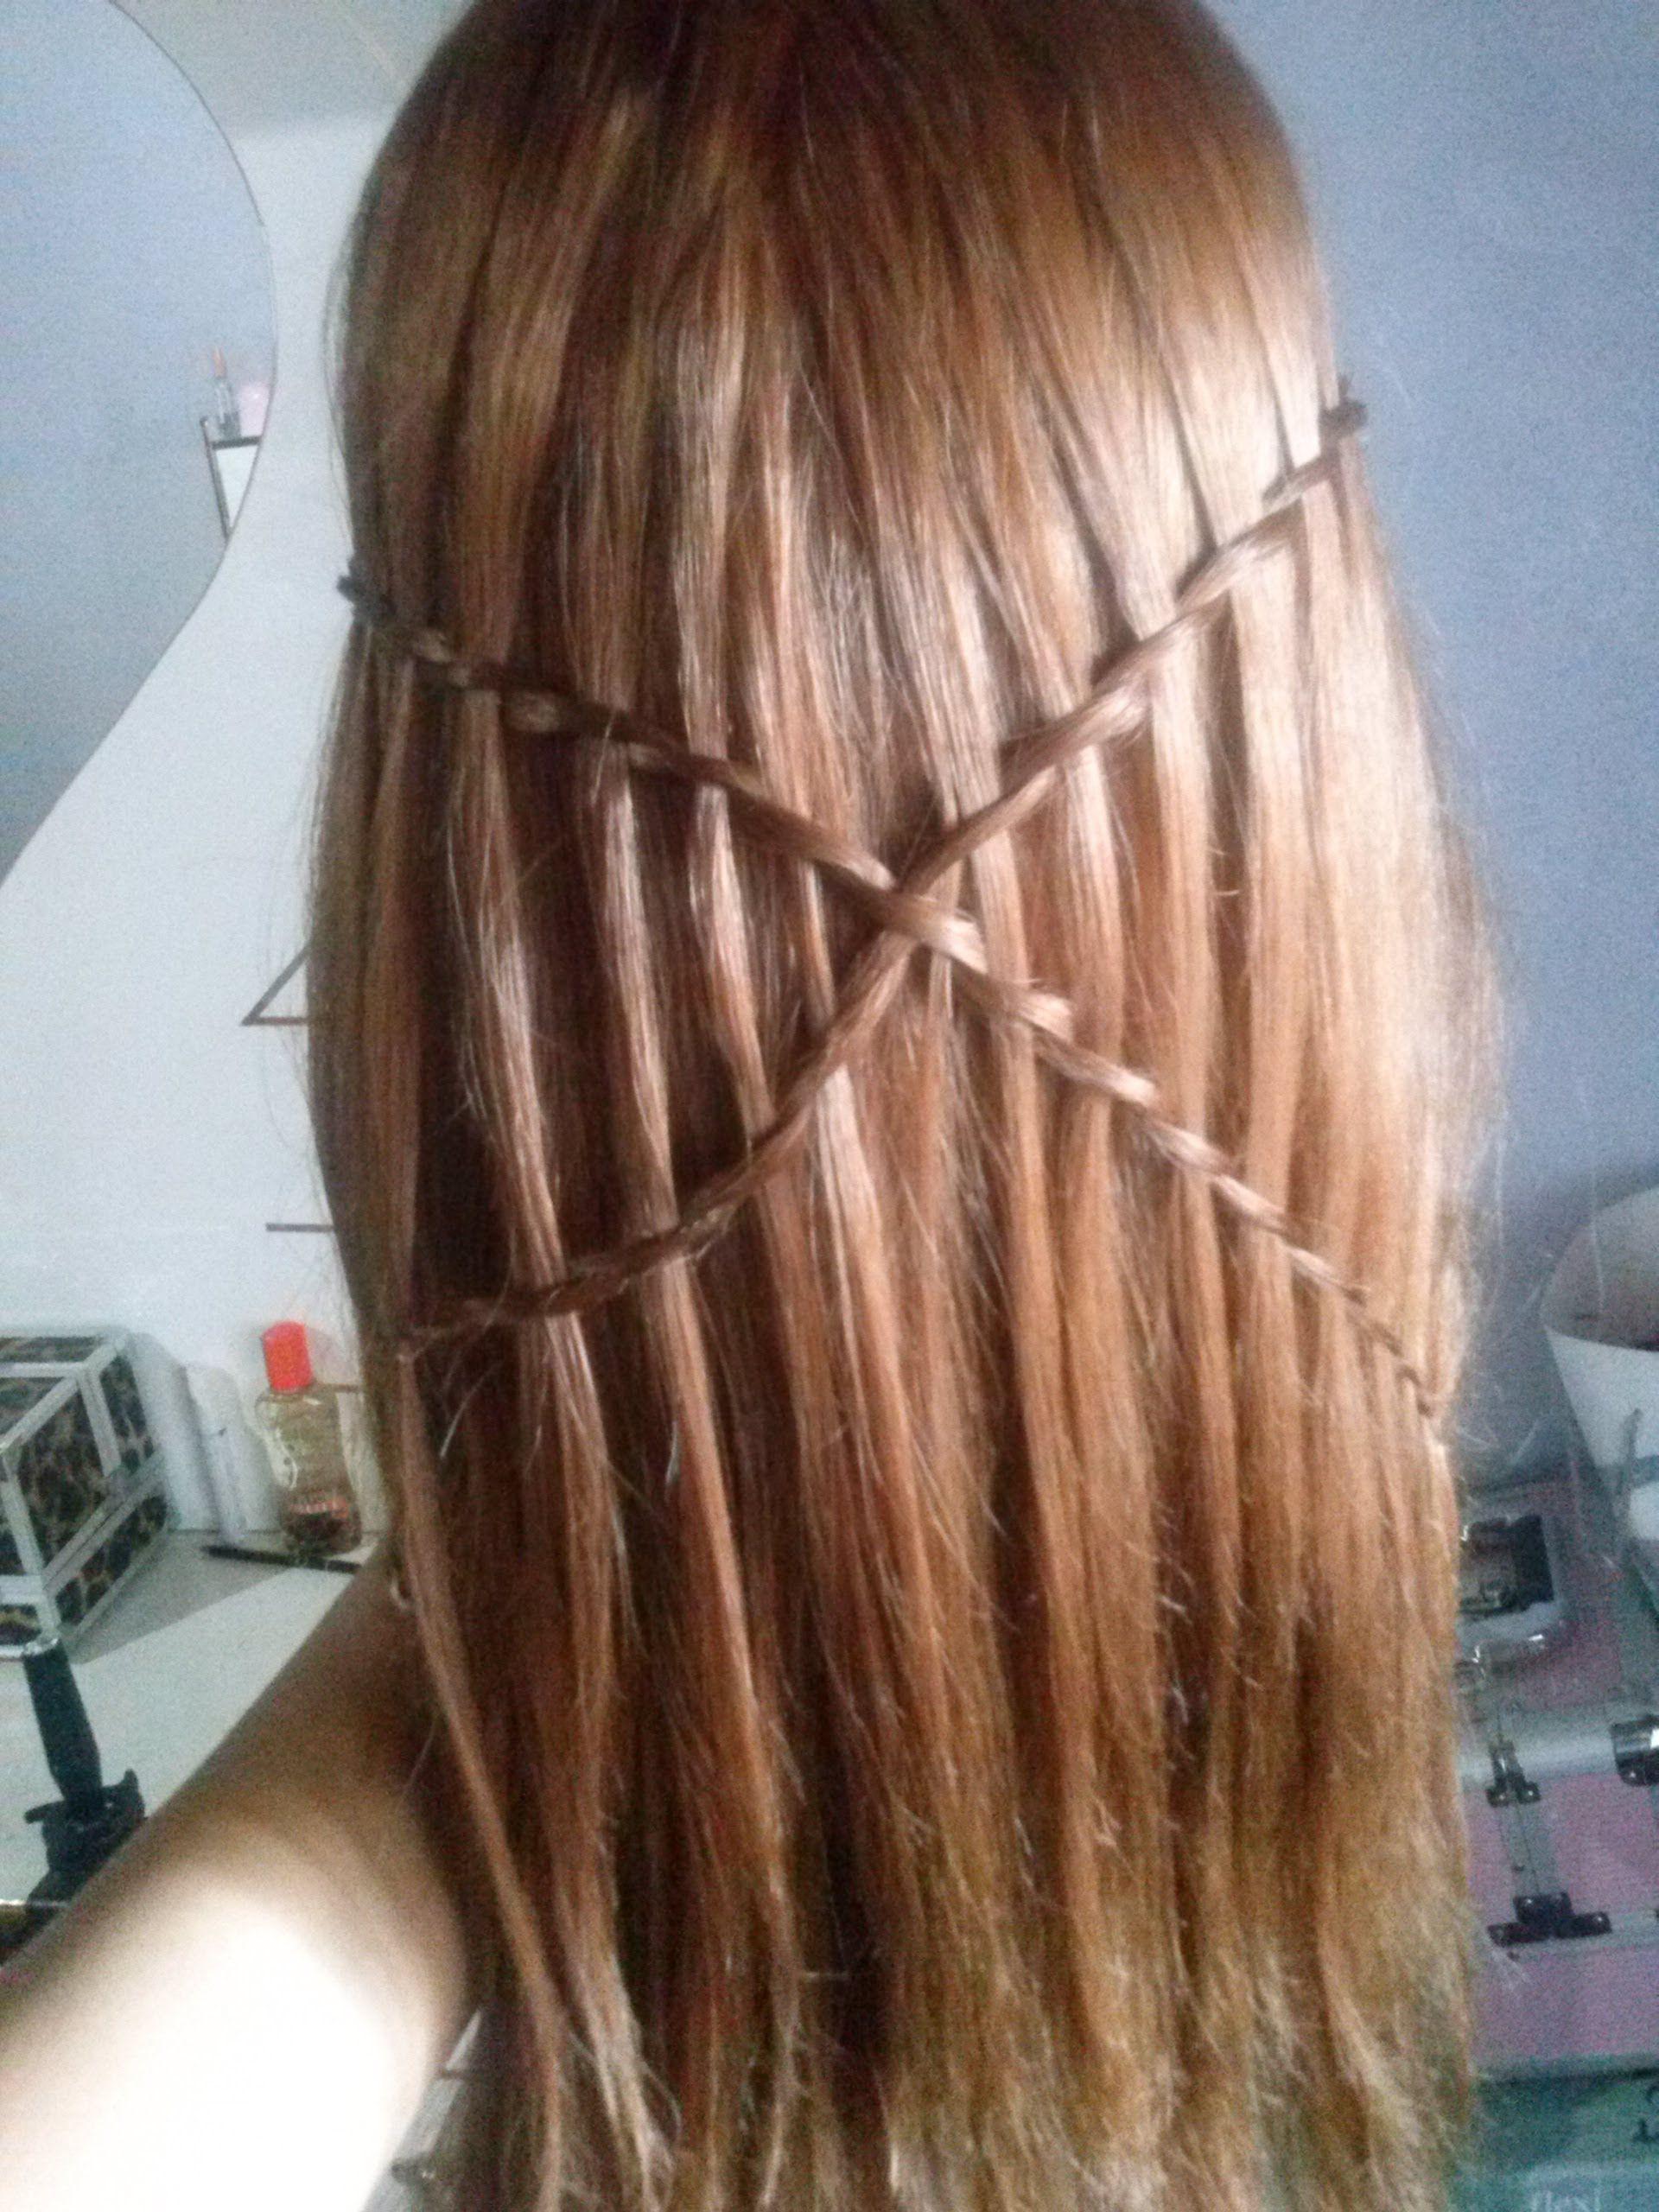 Imagenes de peinados con trenzas de la moda 2014 buscar - Peinados d moda ...